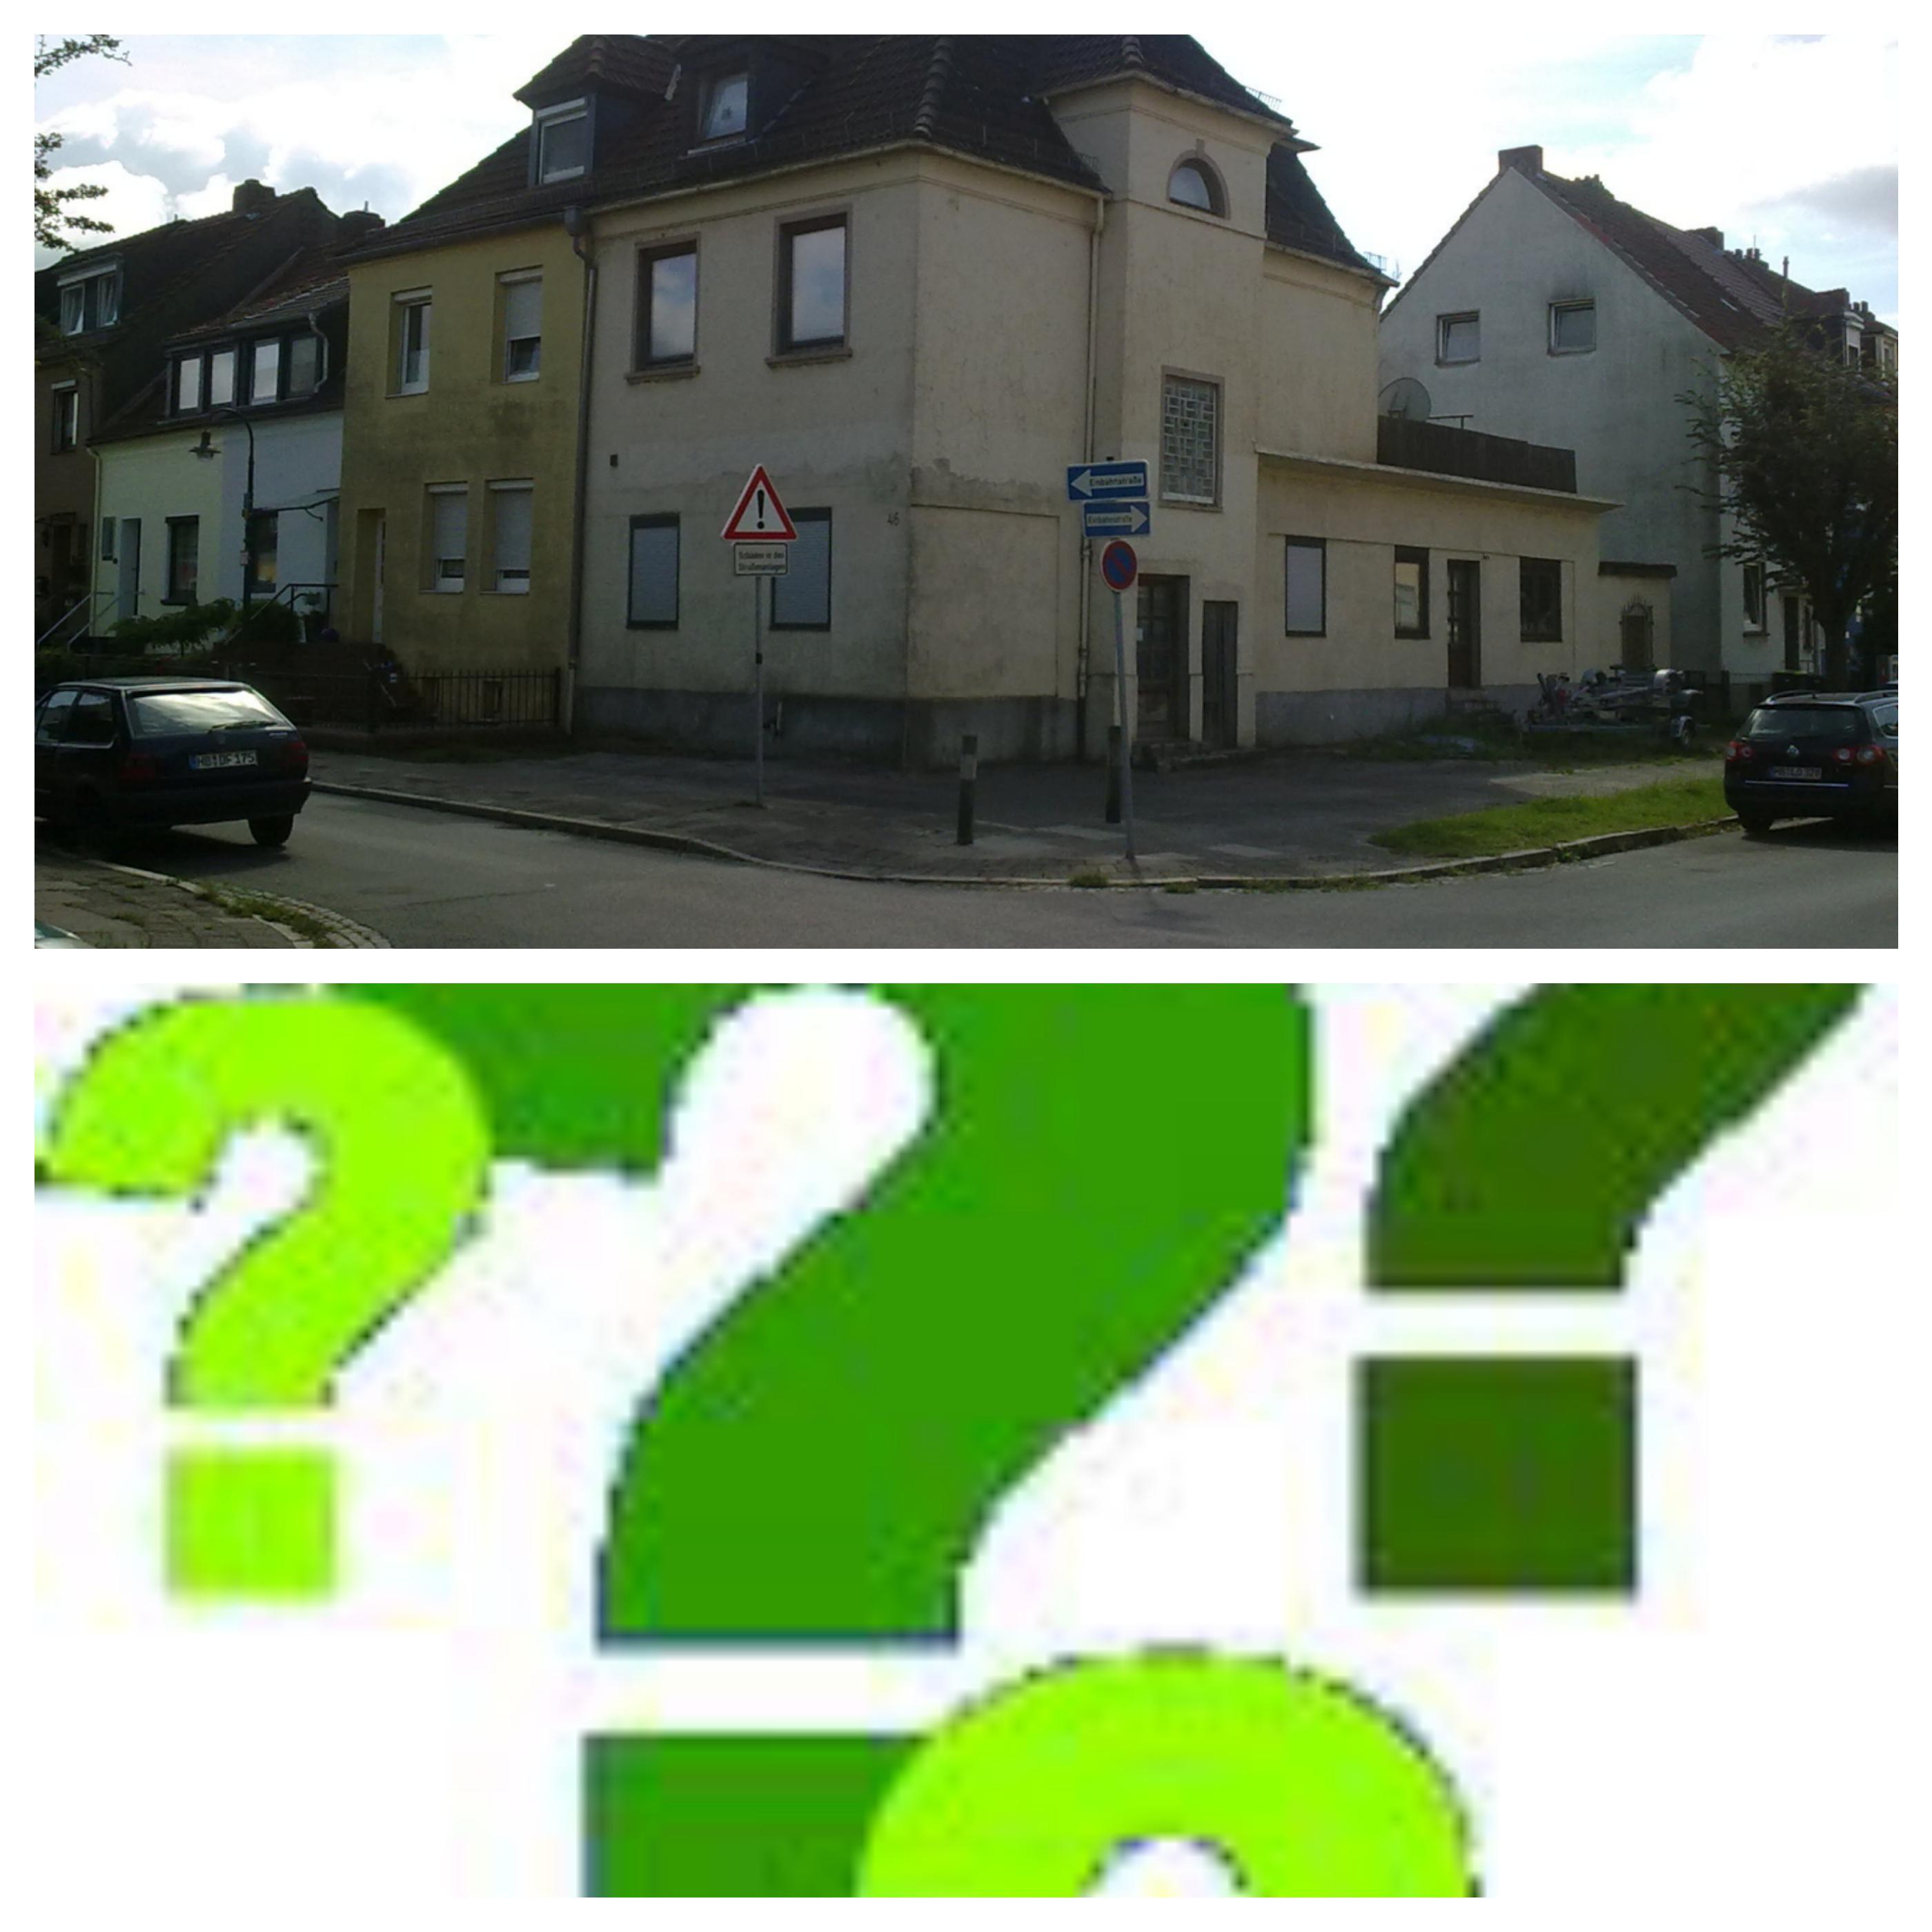 Eckhaus Stubbener Straße